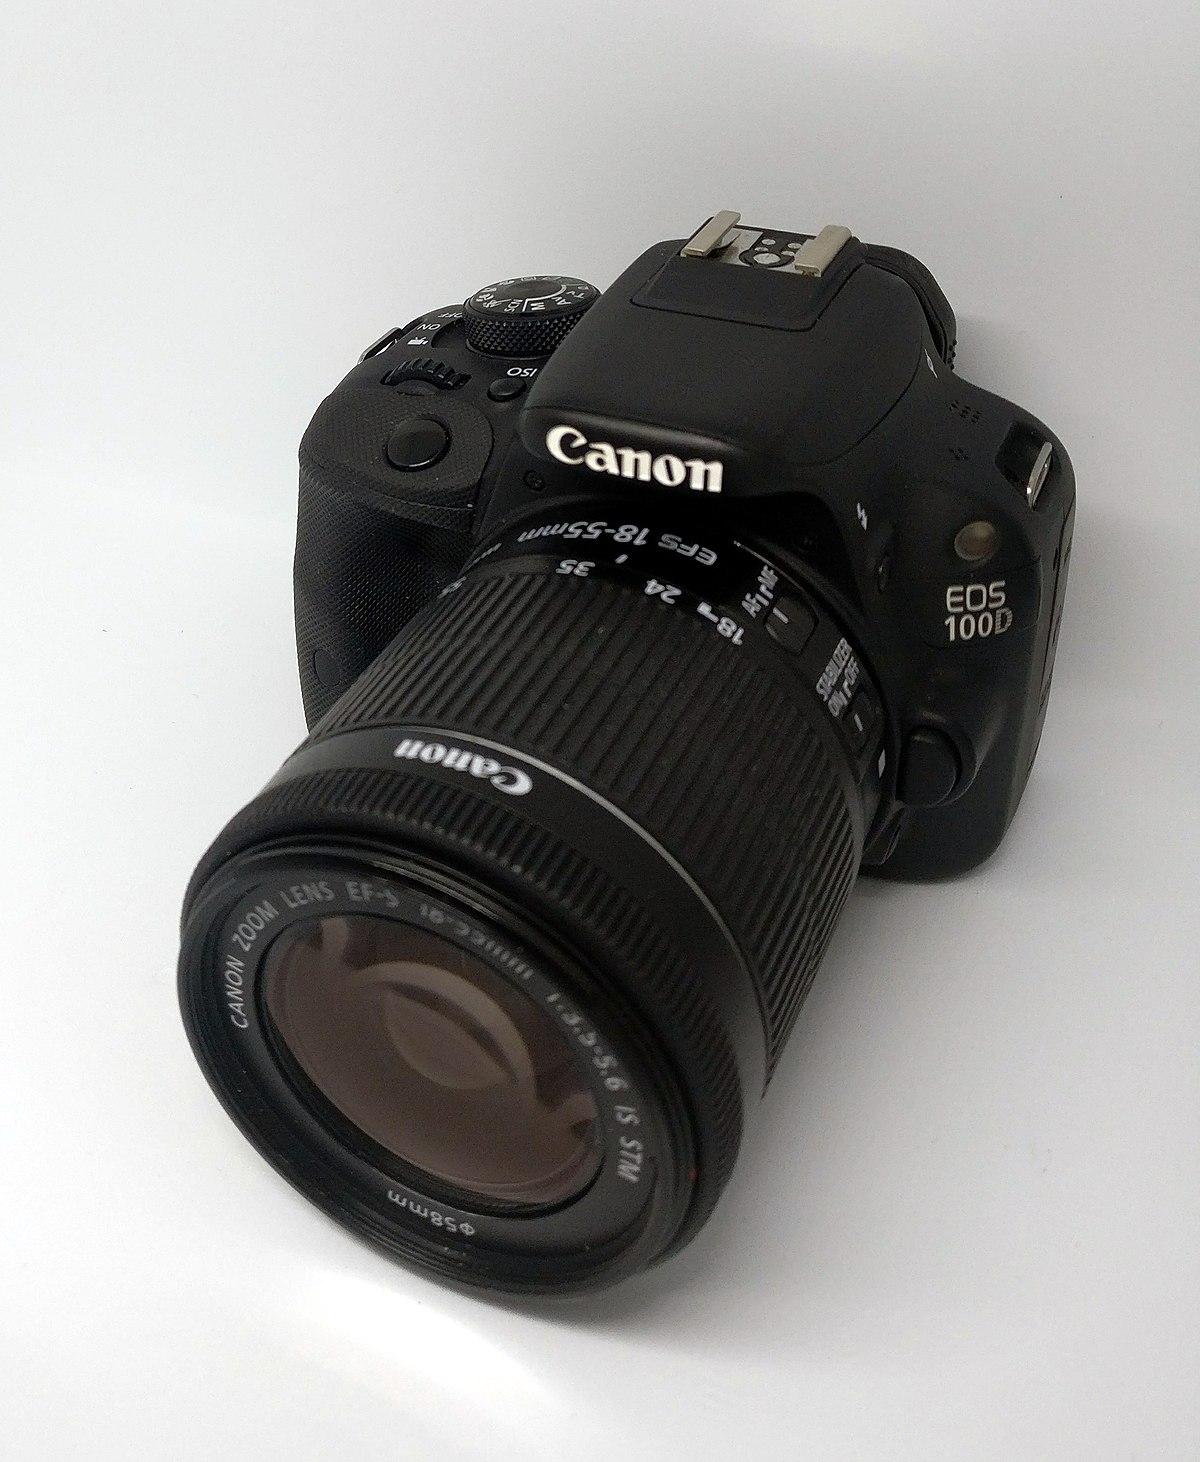 Canon EOS 100D - Wikipedia